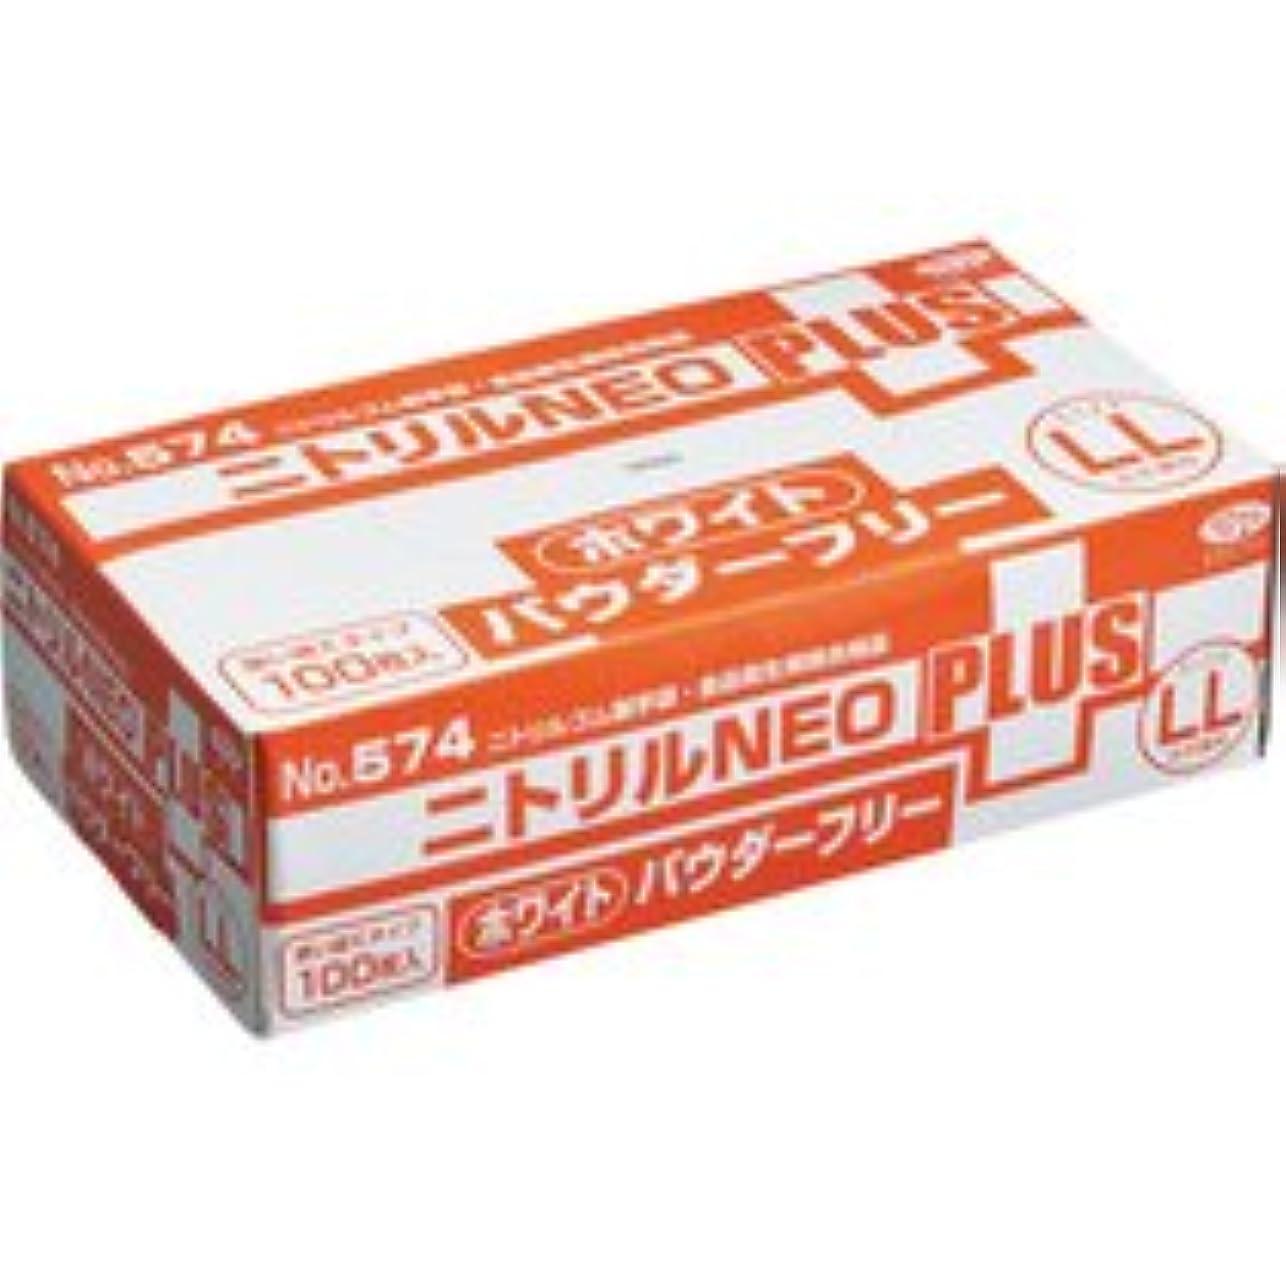 孤独死ぬ明らかにエブノ ニトリルNEOプラス パウダーフリー ホワイト LL NO-574 1箱(100枚)